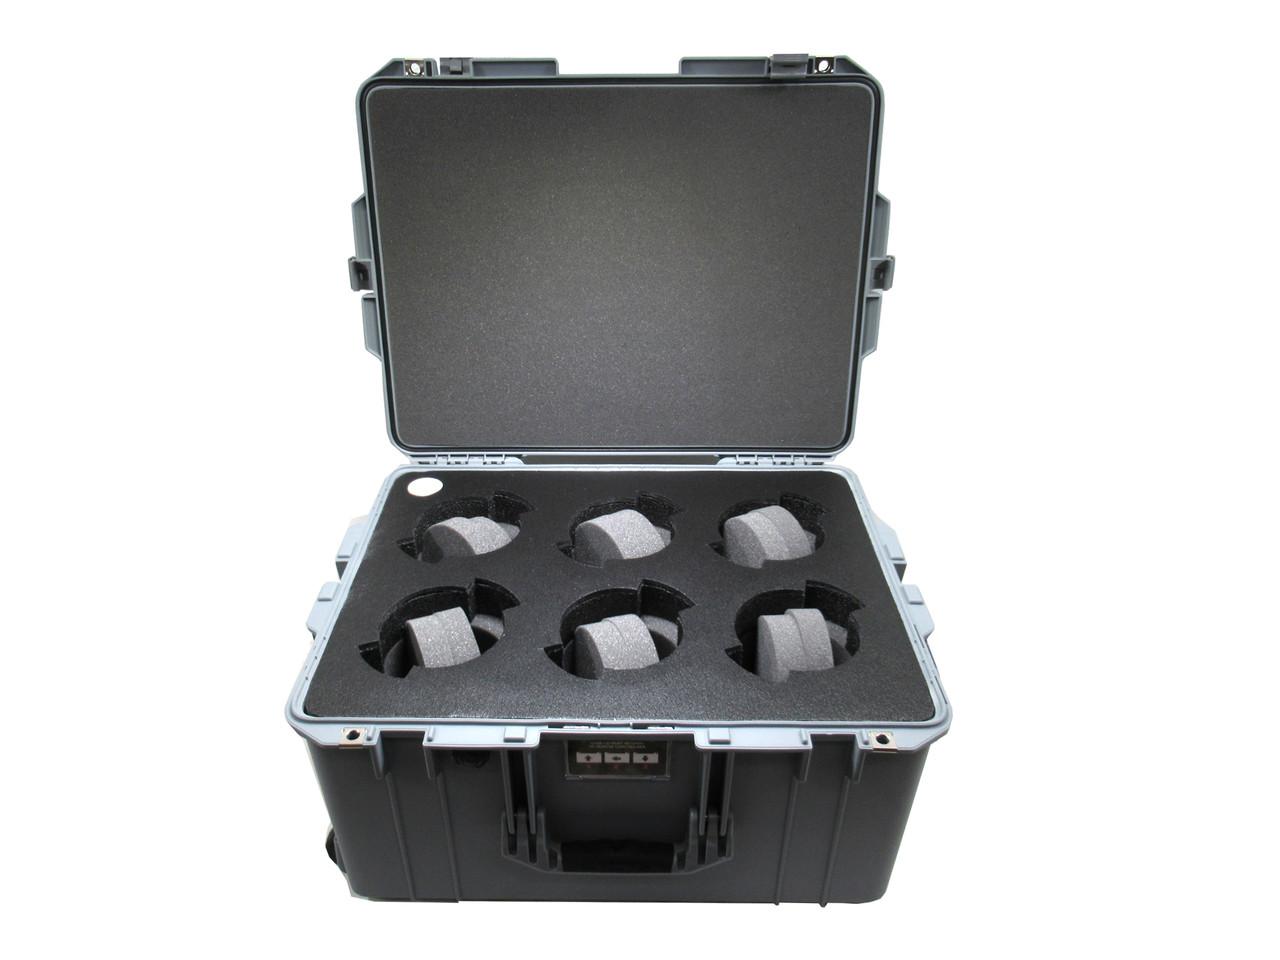 Pelican 1607 for Canon Cinema Prime CN-E Len (6 Hole)